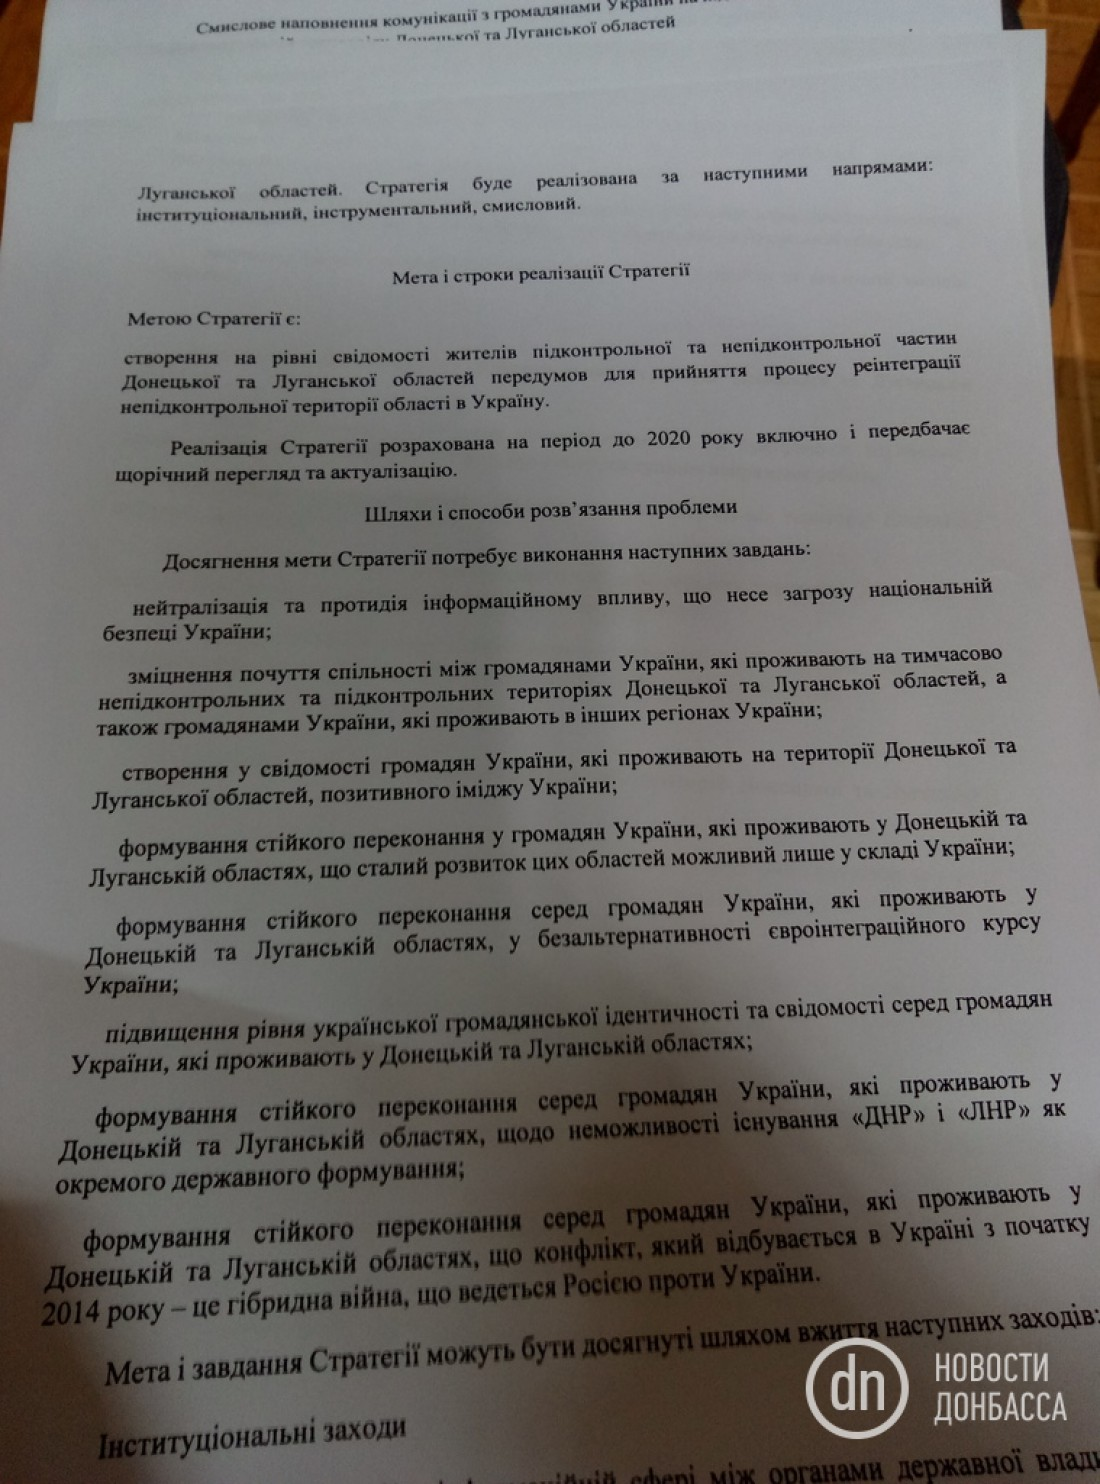 Cтратегия реинтеграции Донбасса в условиях гибридной войны